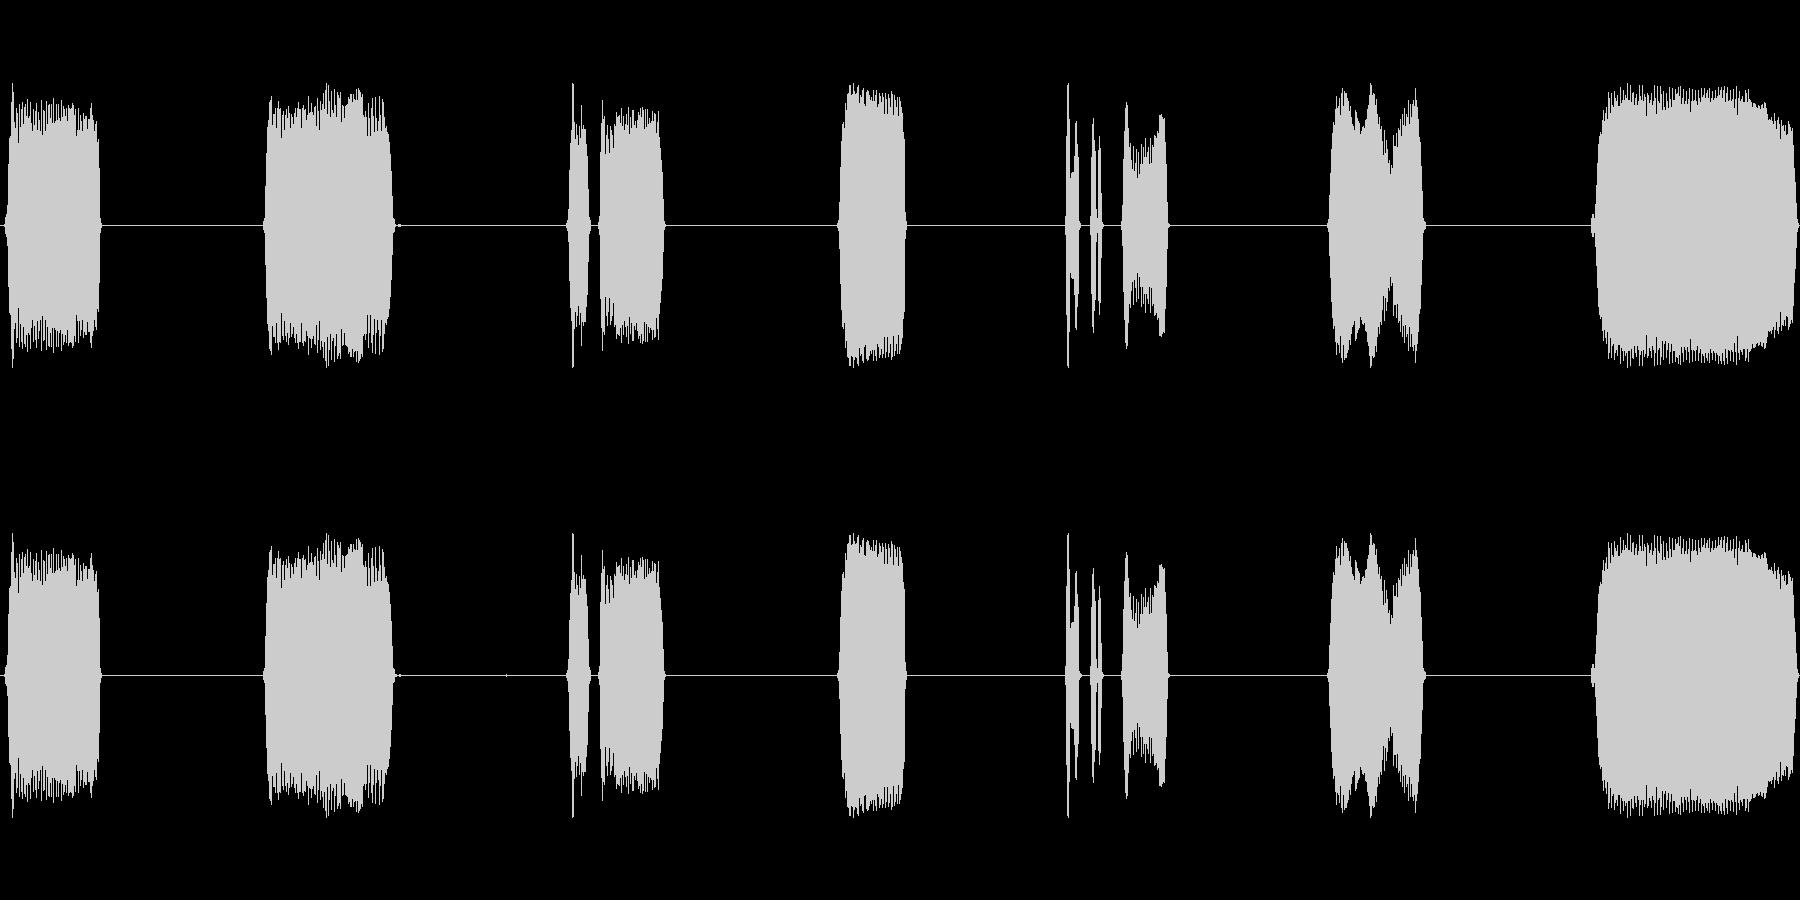 ホイッスルフィールドマルチwavの未再生の波形